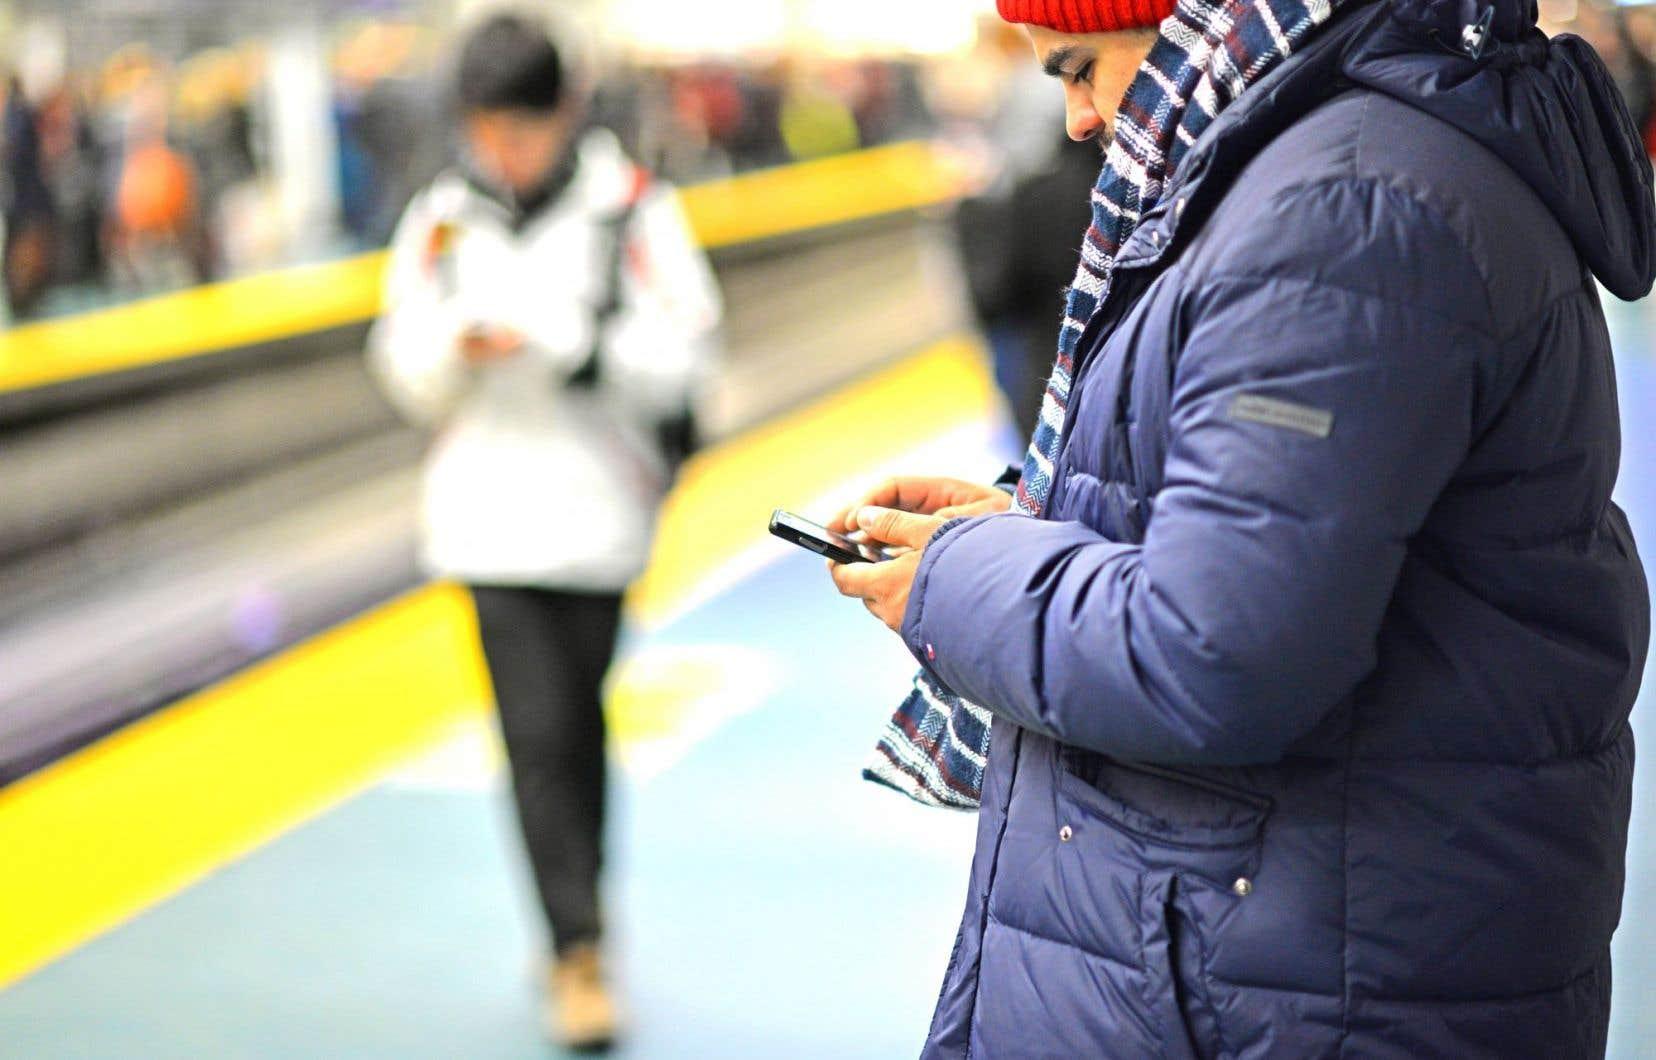 Fin 2015, le nombre d'internautes dans le monde était estimé à 3,3milliards.